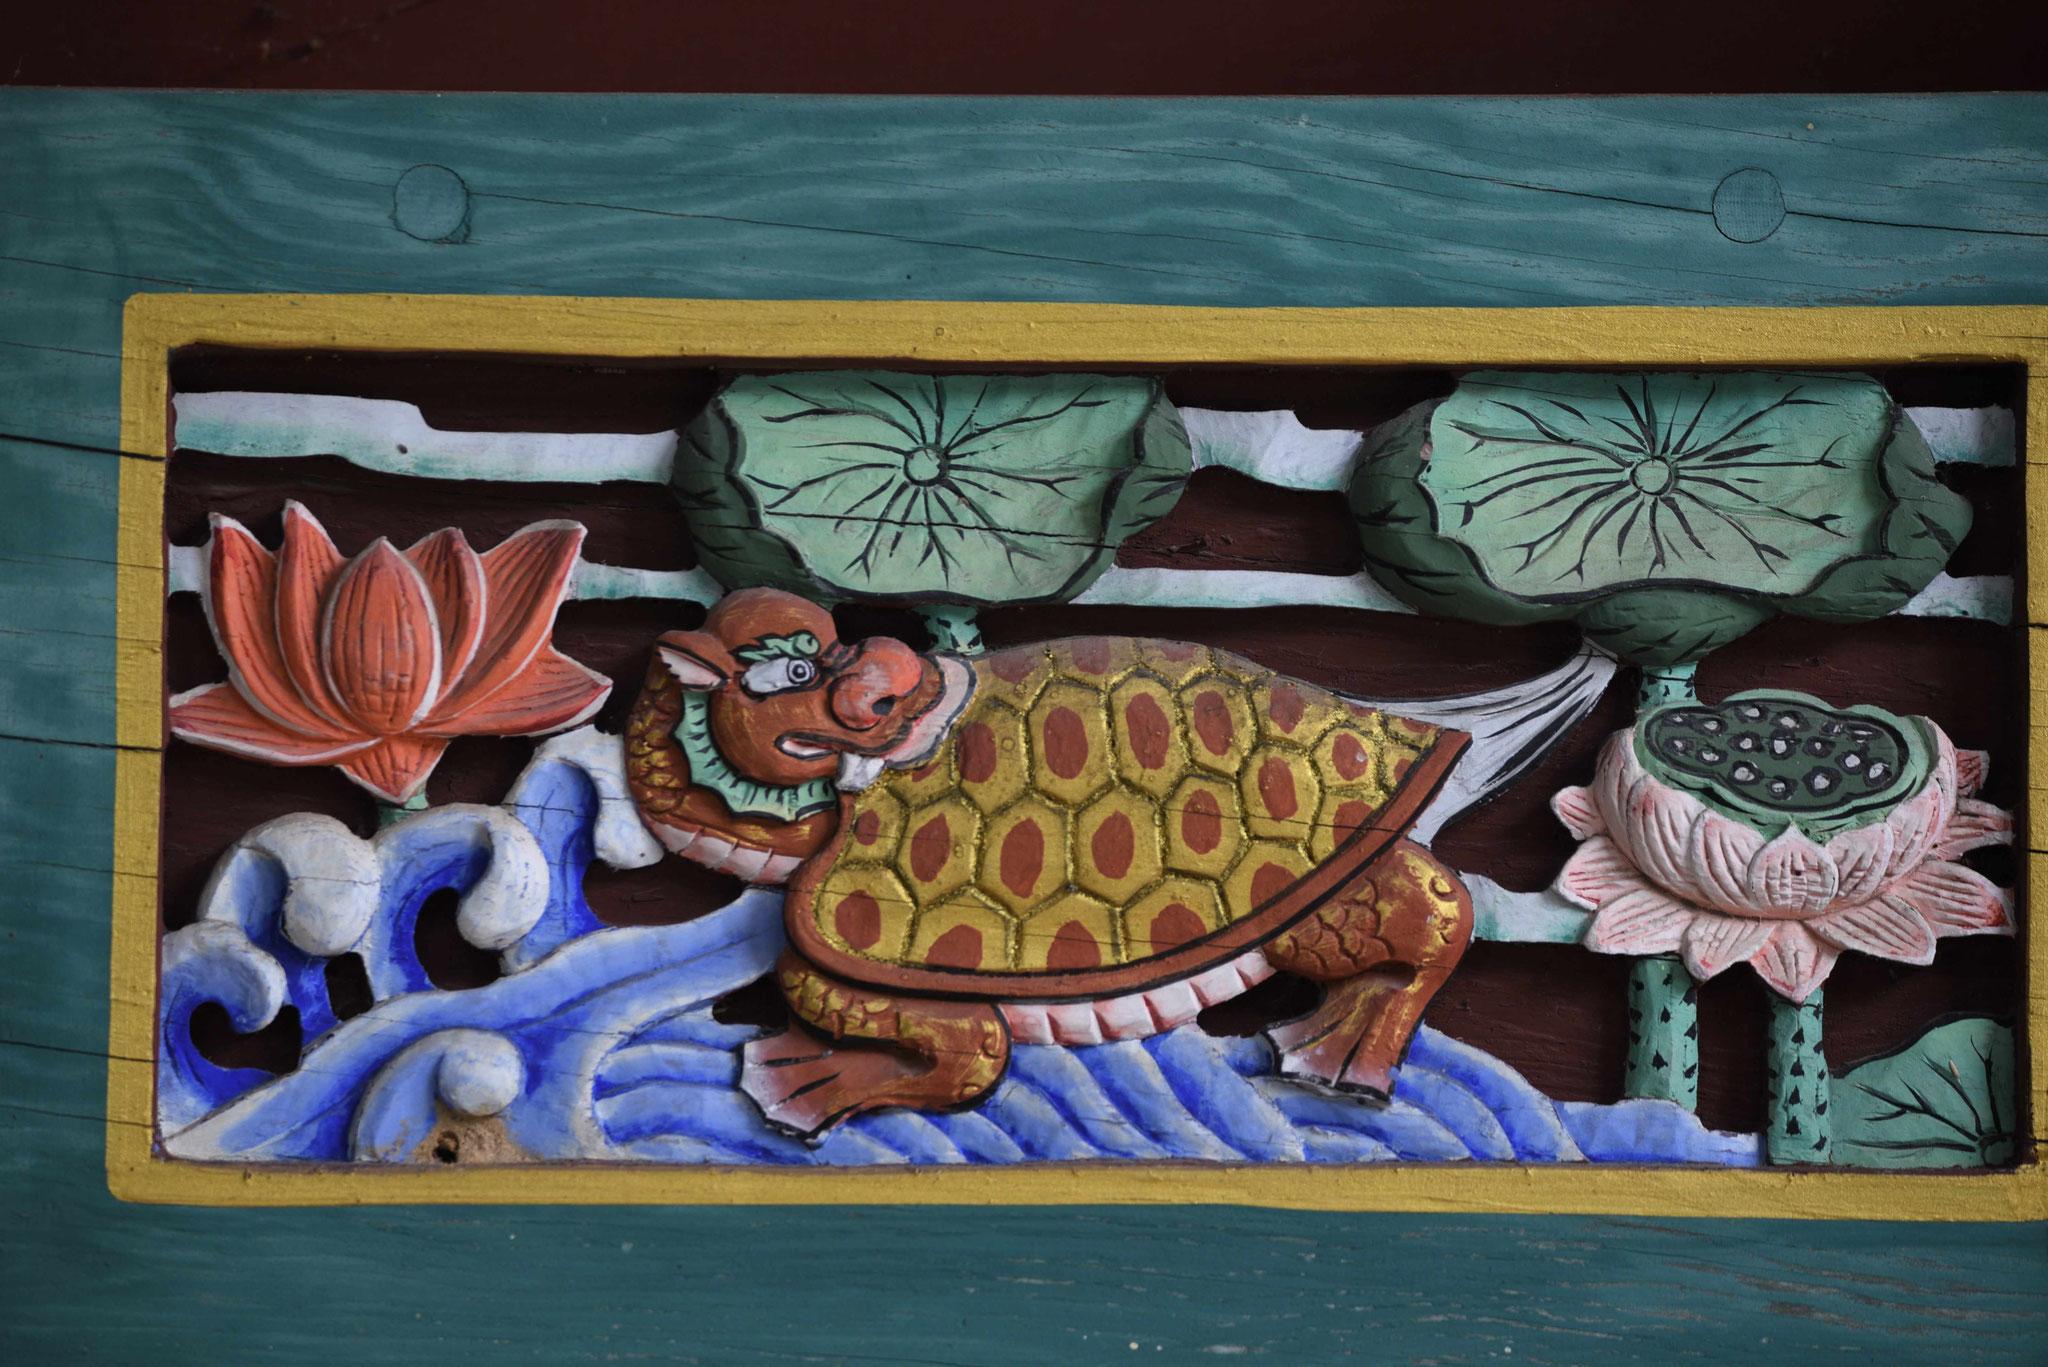 Schlidkröte sind wiederkehrende Elemente